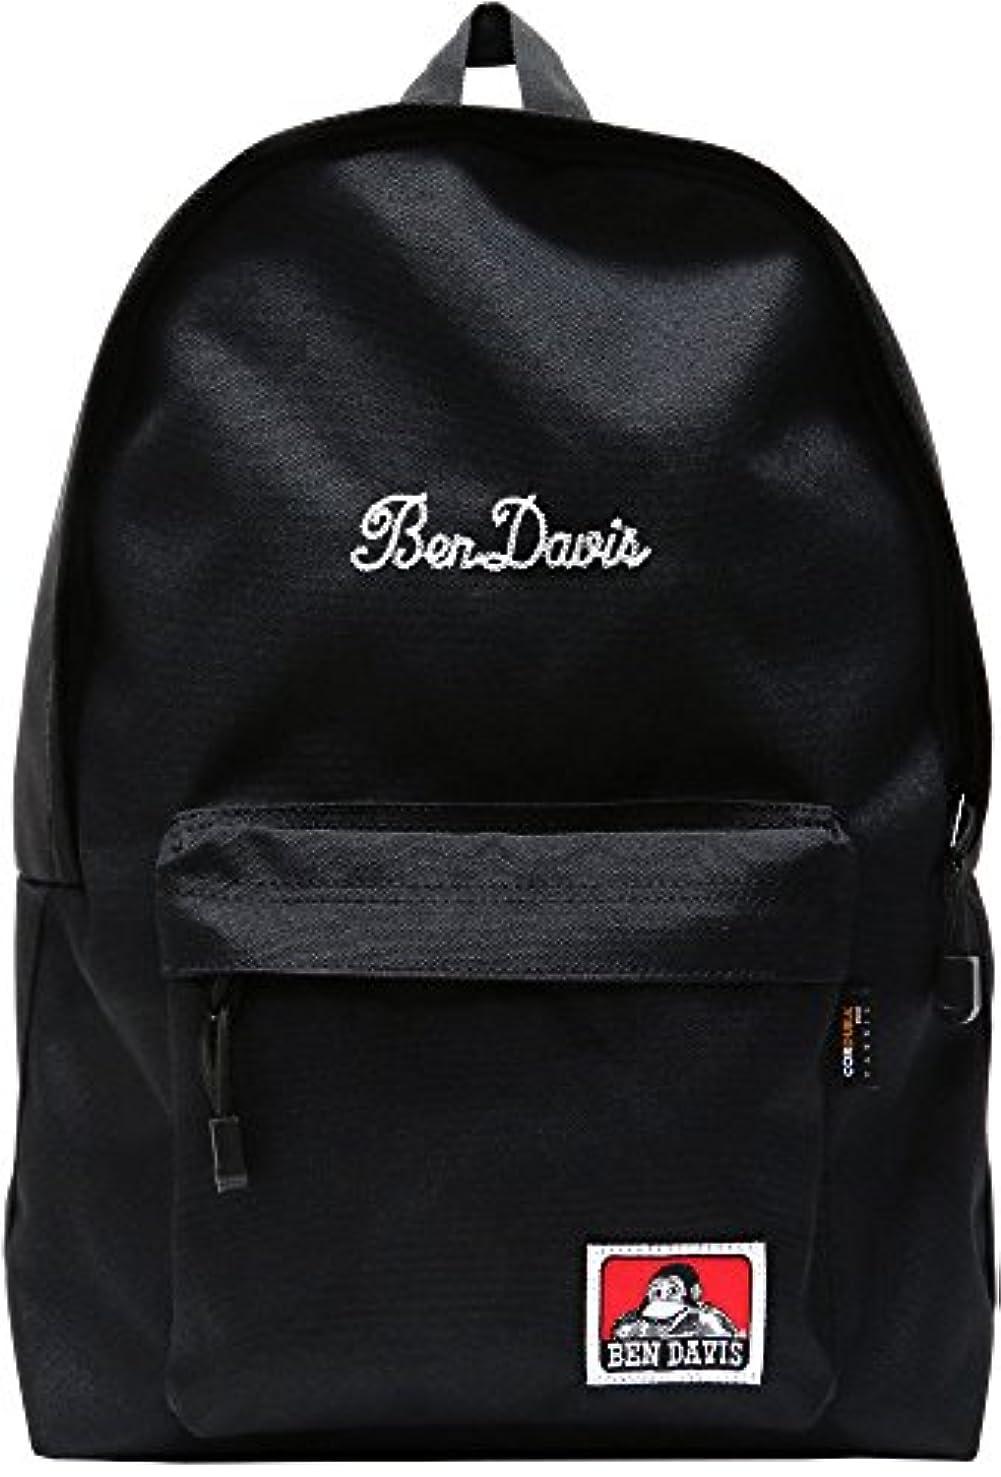 爪アルファベットスペース(ベンデイビス) BEN DAVIS リュック おしゃれ バックパック デイパック 2color Free ブラック